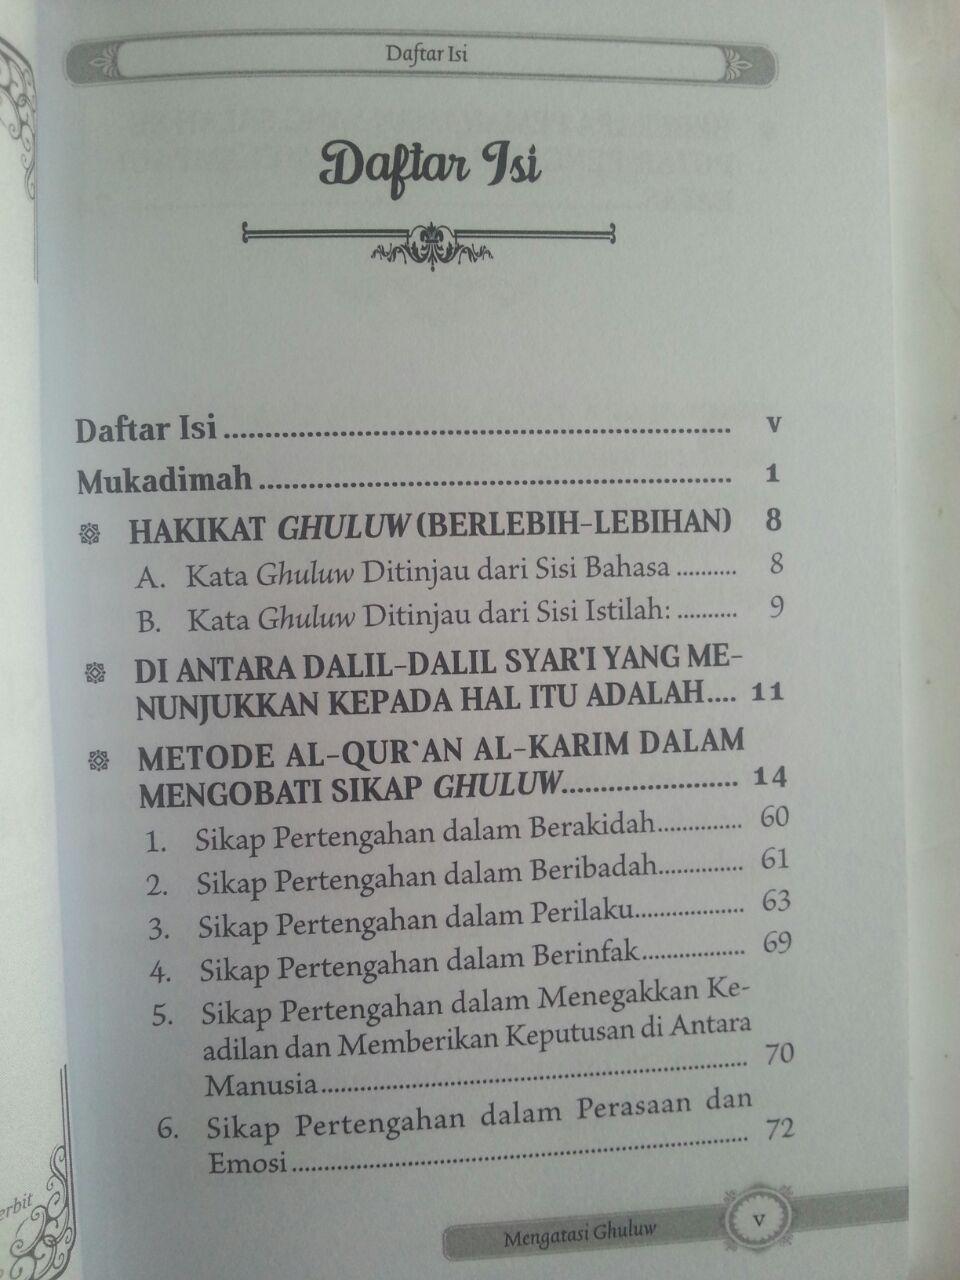 Buku Metode Al-Qur'an Dalam Mengatasi Sikap Berlebihan Dalam Agama isi 2